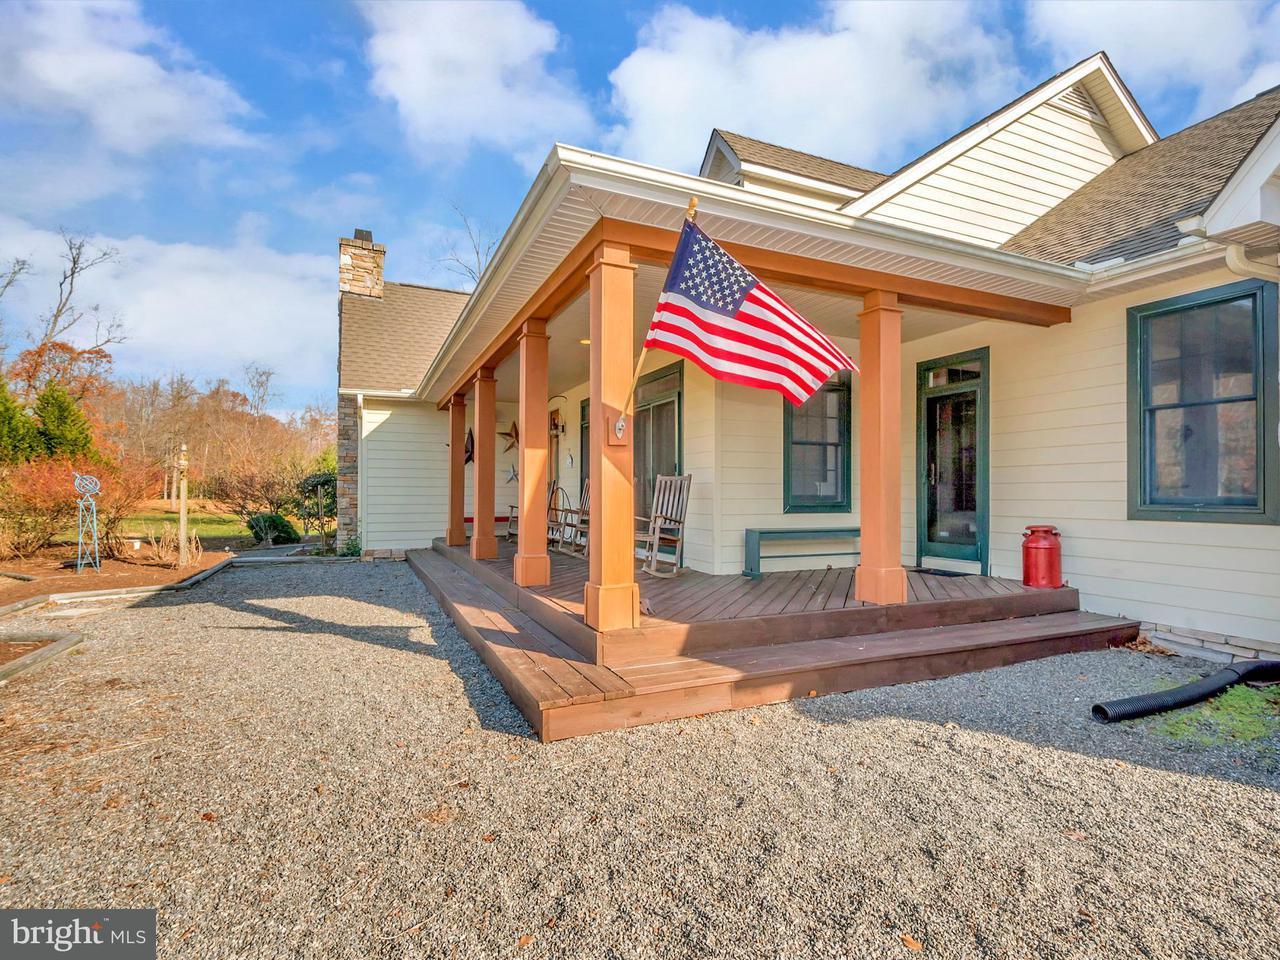 Μονοκατοικία για την Πώληση στο 9301 SANDY BEACH Lane 9301 SANDY BEACH Lane King George, Βιρτζινια 22485 Ηνωμενεσ Πολιτειεσ